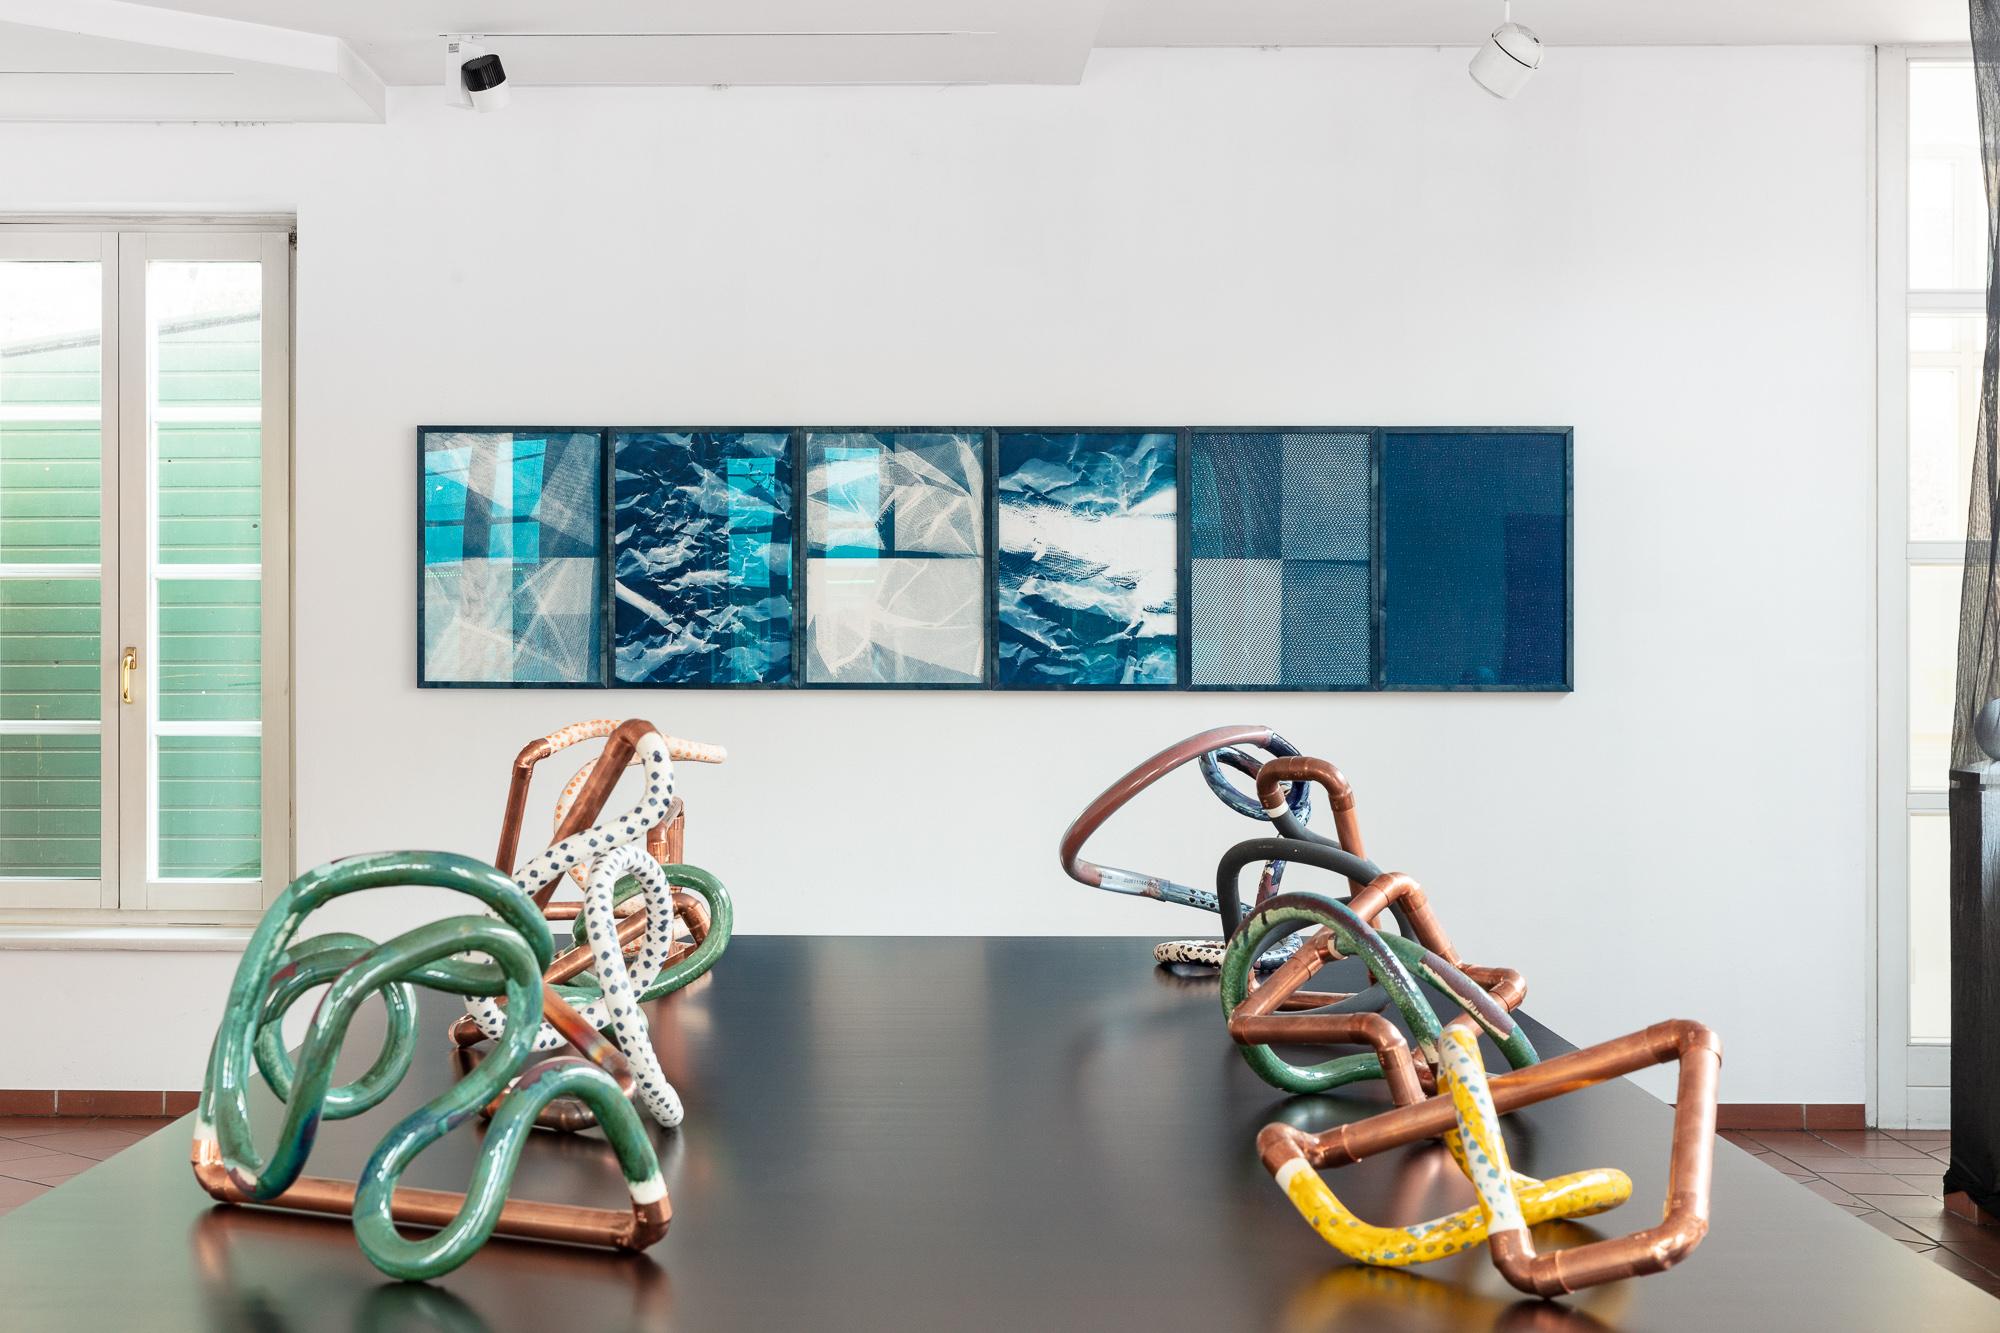 2019_03_05_Simon Iurino_Ausstellungsansichten_016_web.jpg